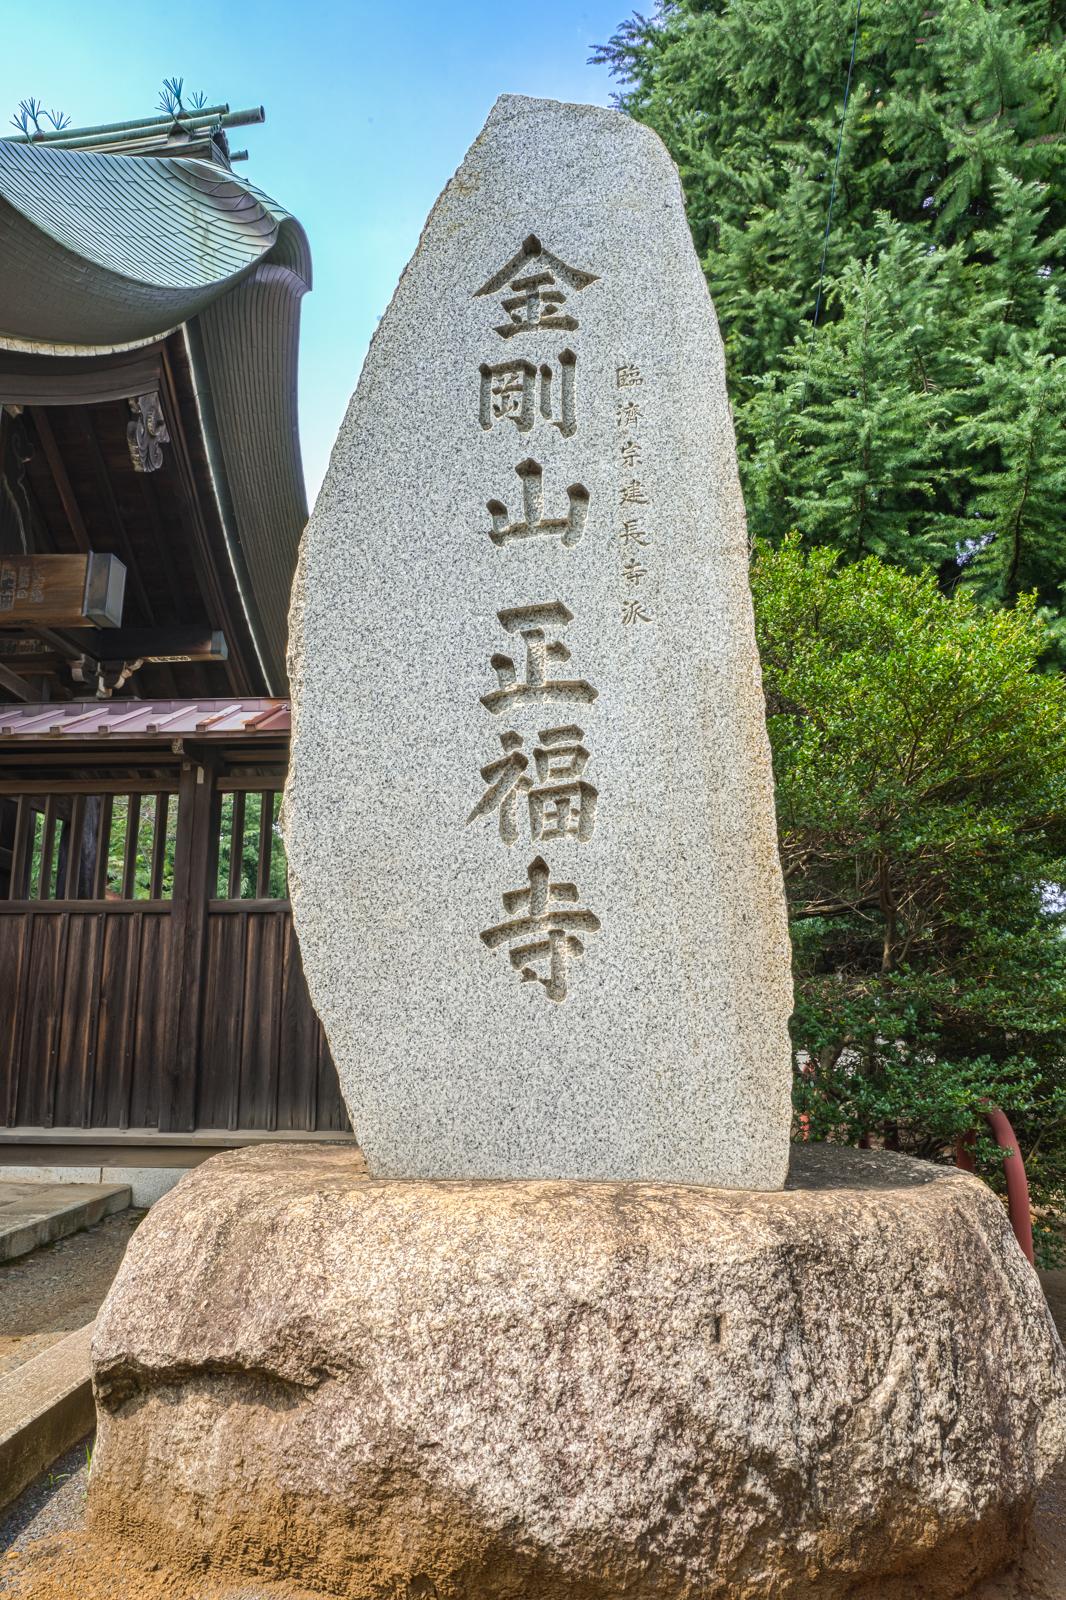 金剛山正福寺と刻まれた石碑の写真